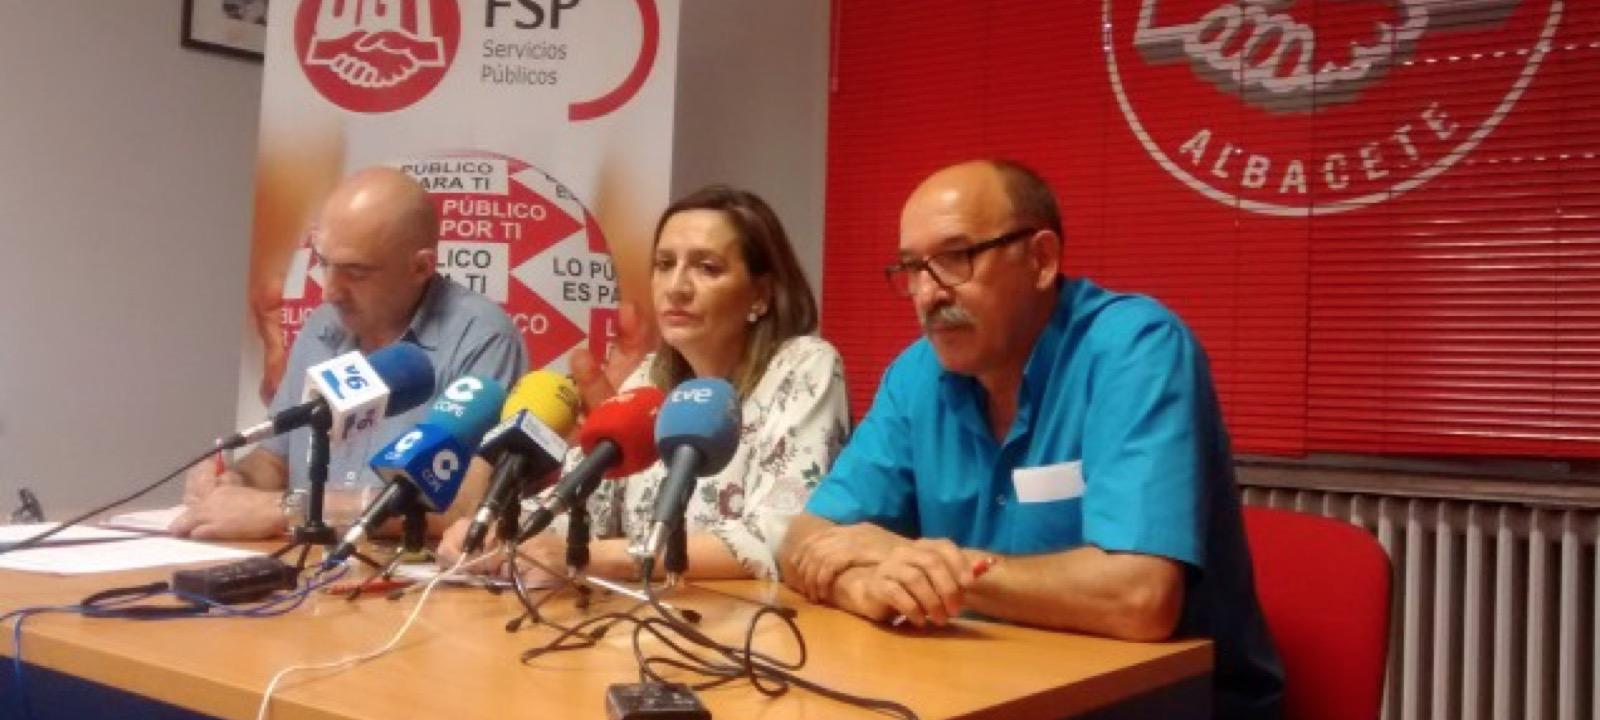 Imagen de la rueda de prensa de FSP UGT Albacete. Oposiciones Diputación Albacete.